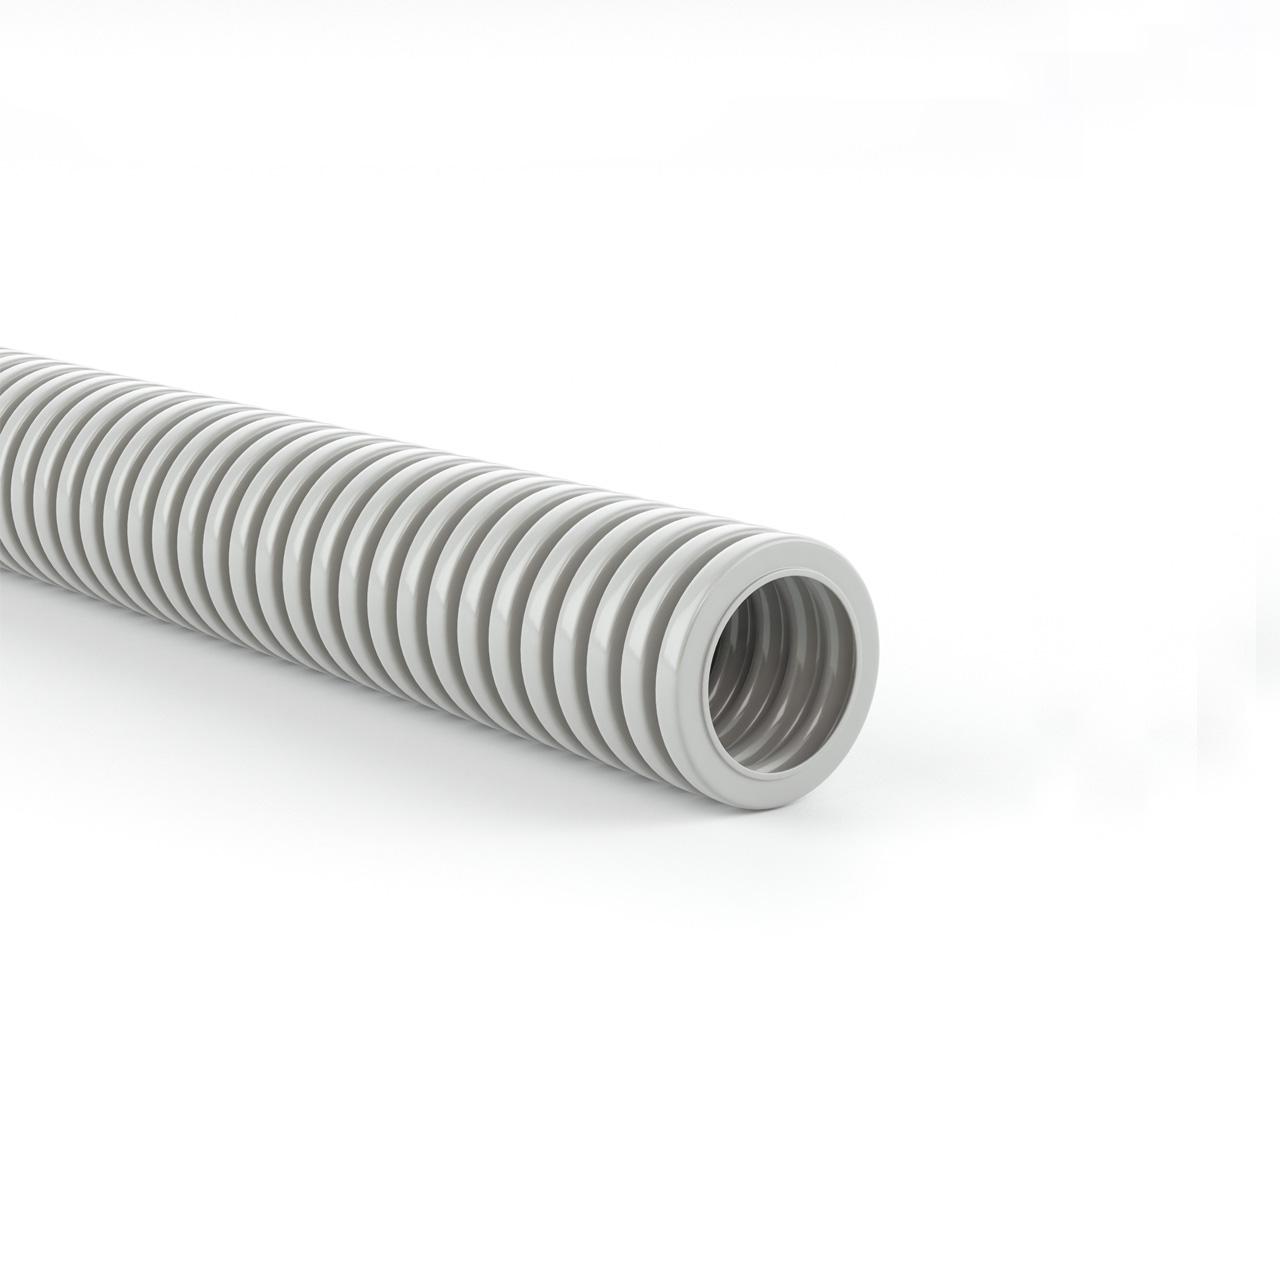 Διαμορφώσιμος Κυματοειδής  Σωλήνας Siflex Φ50